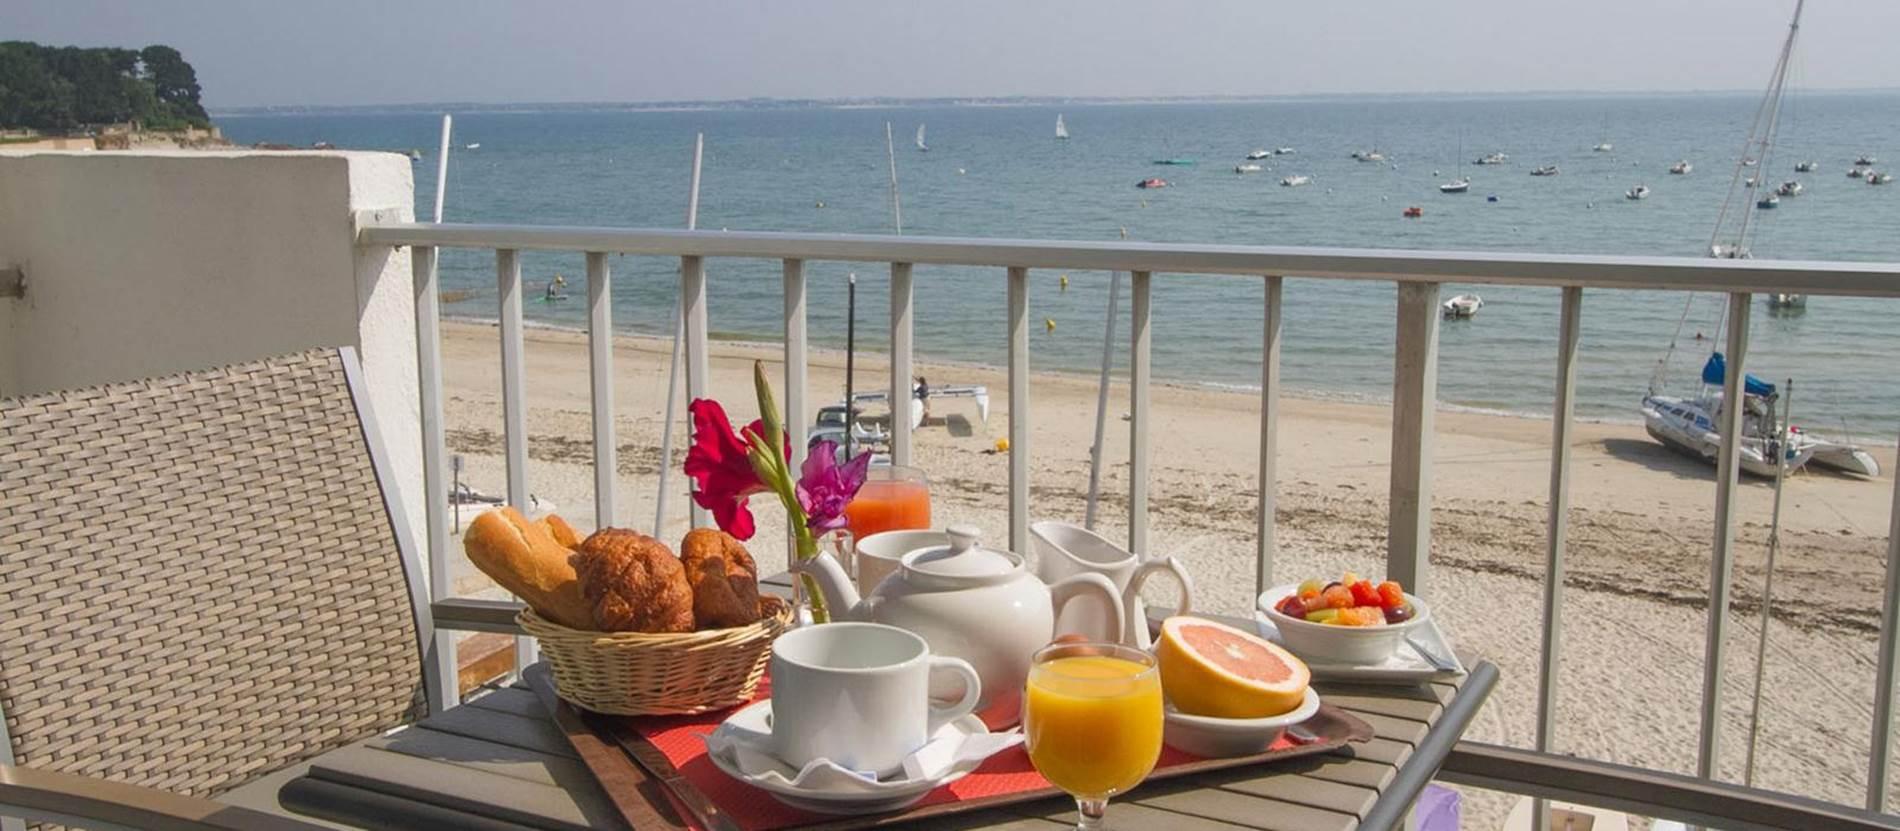 Hotel-de-la-Plage-St-Pierre-Quiberon-Morbihan-Bretagne-Sud © Hotel-de-la-Plage-St-Pierre-Quiberon-Morbihan-Bretagne-Sud